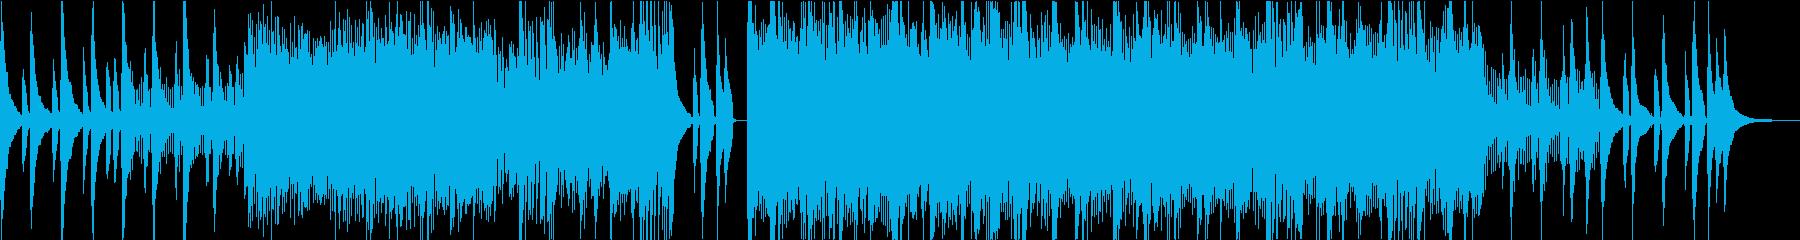 美しく幻想的なアコギサウンドの再生済みの波形